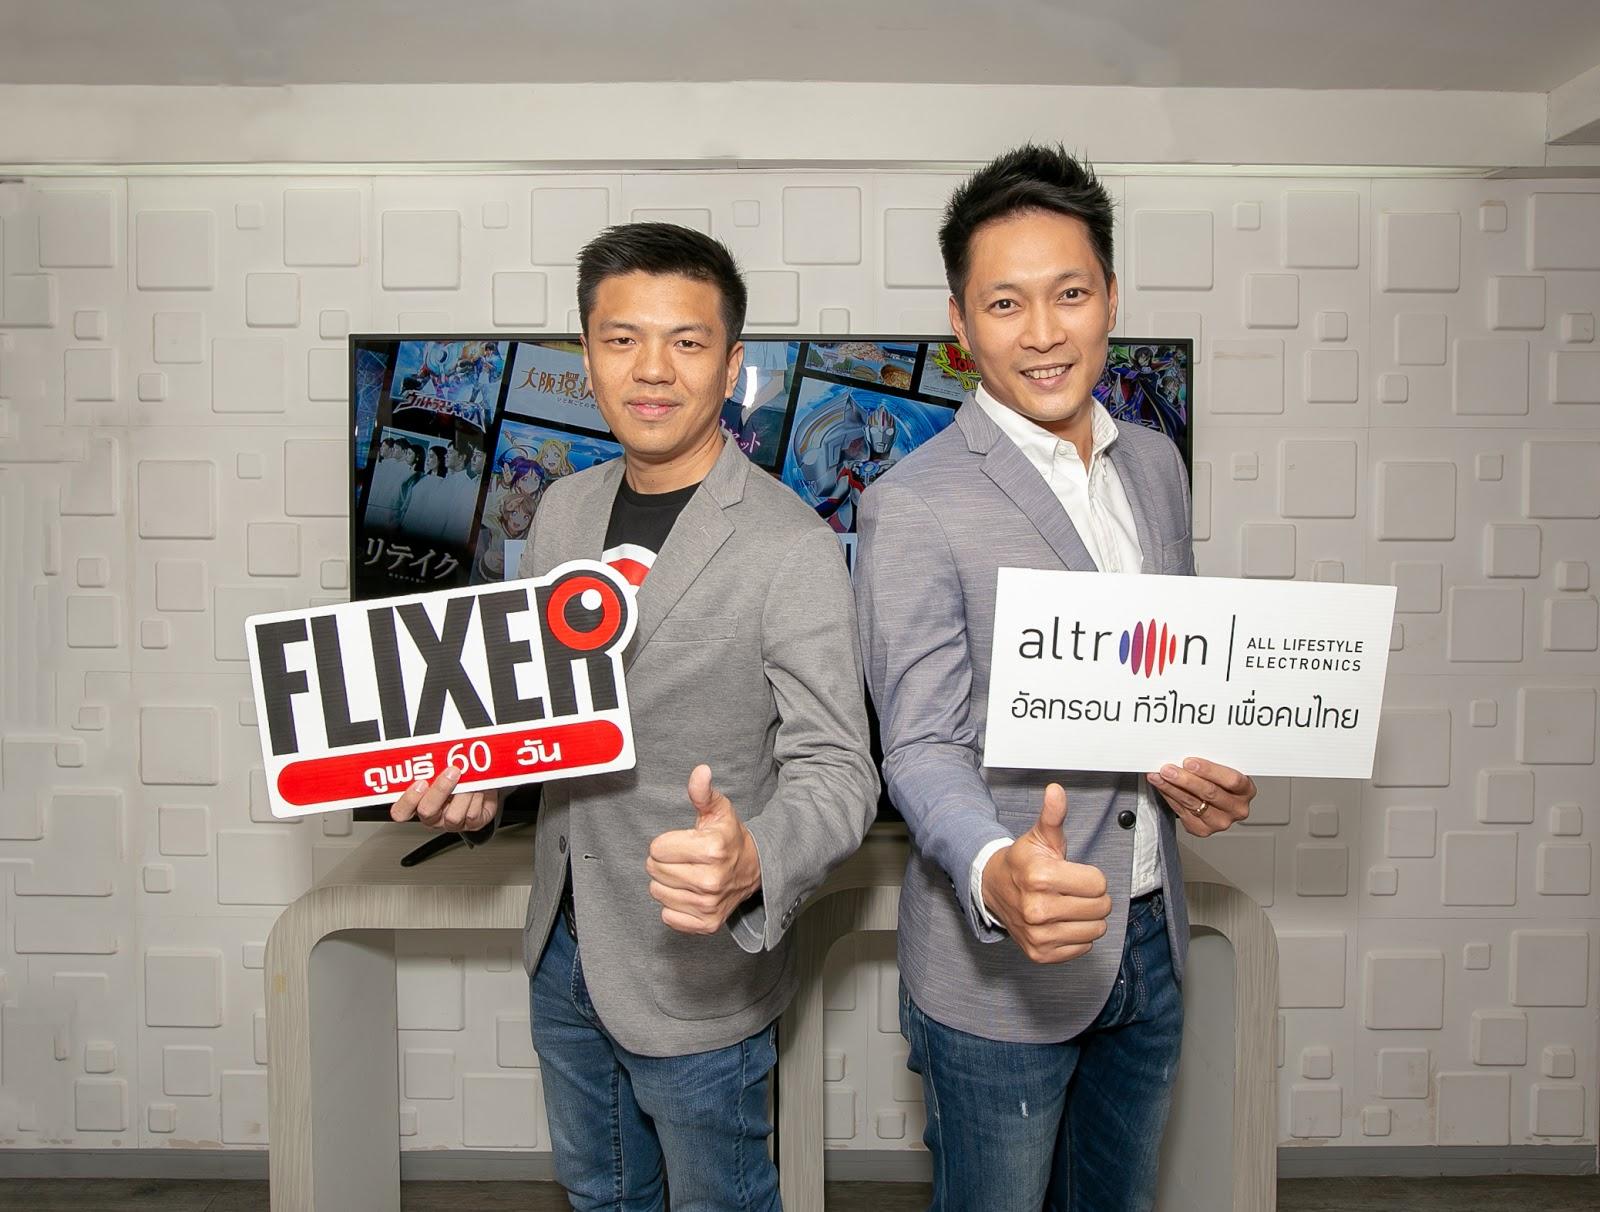 FLIXER ผนึก Altron TV เสิร์ฟพรีเมี่ยมคอนเทนต์บันเทิงญี่ปุ่น ลงจออัลทรอน ดูฟรี 60 วัน!